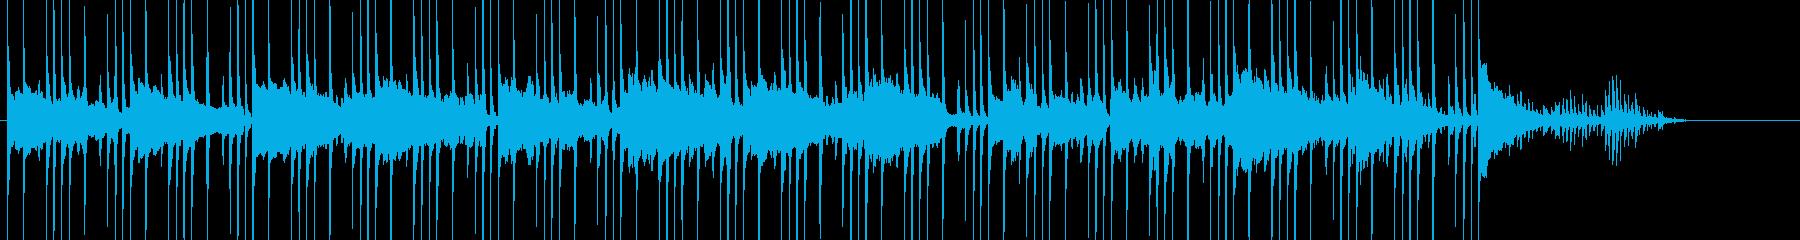 バイオリンが綺麗なBGMの再生済みの波形